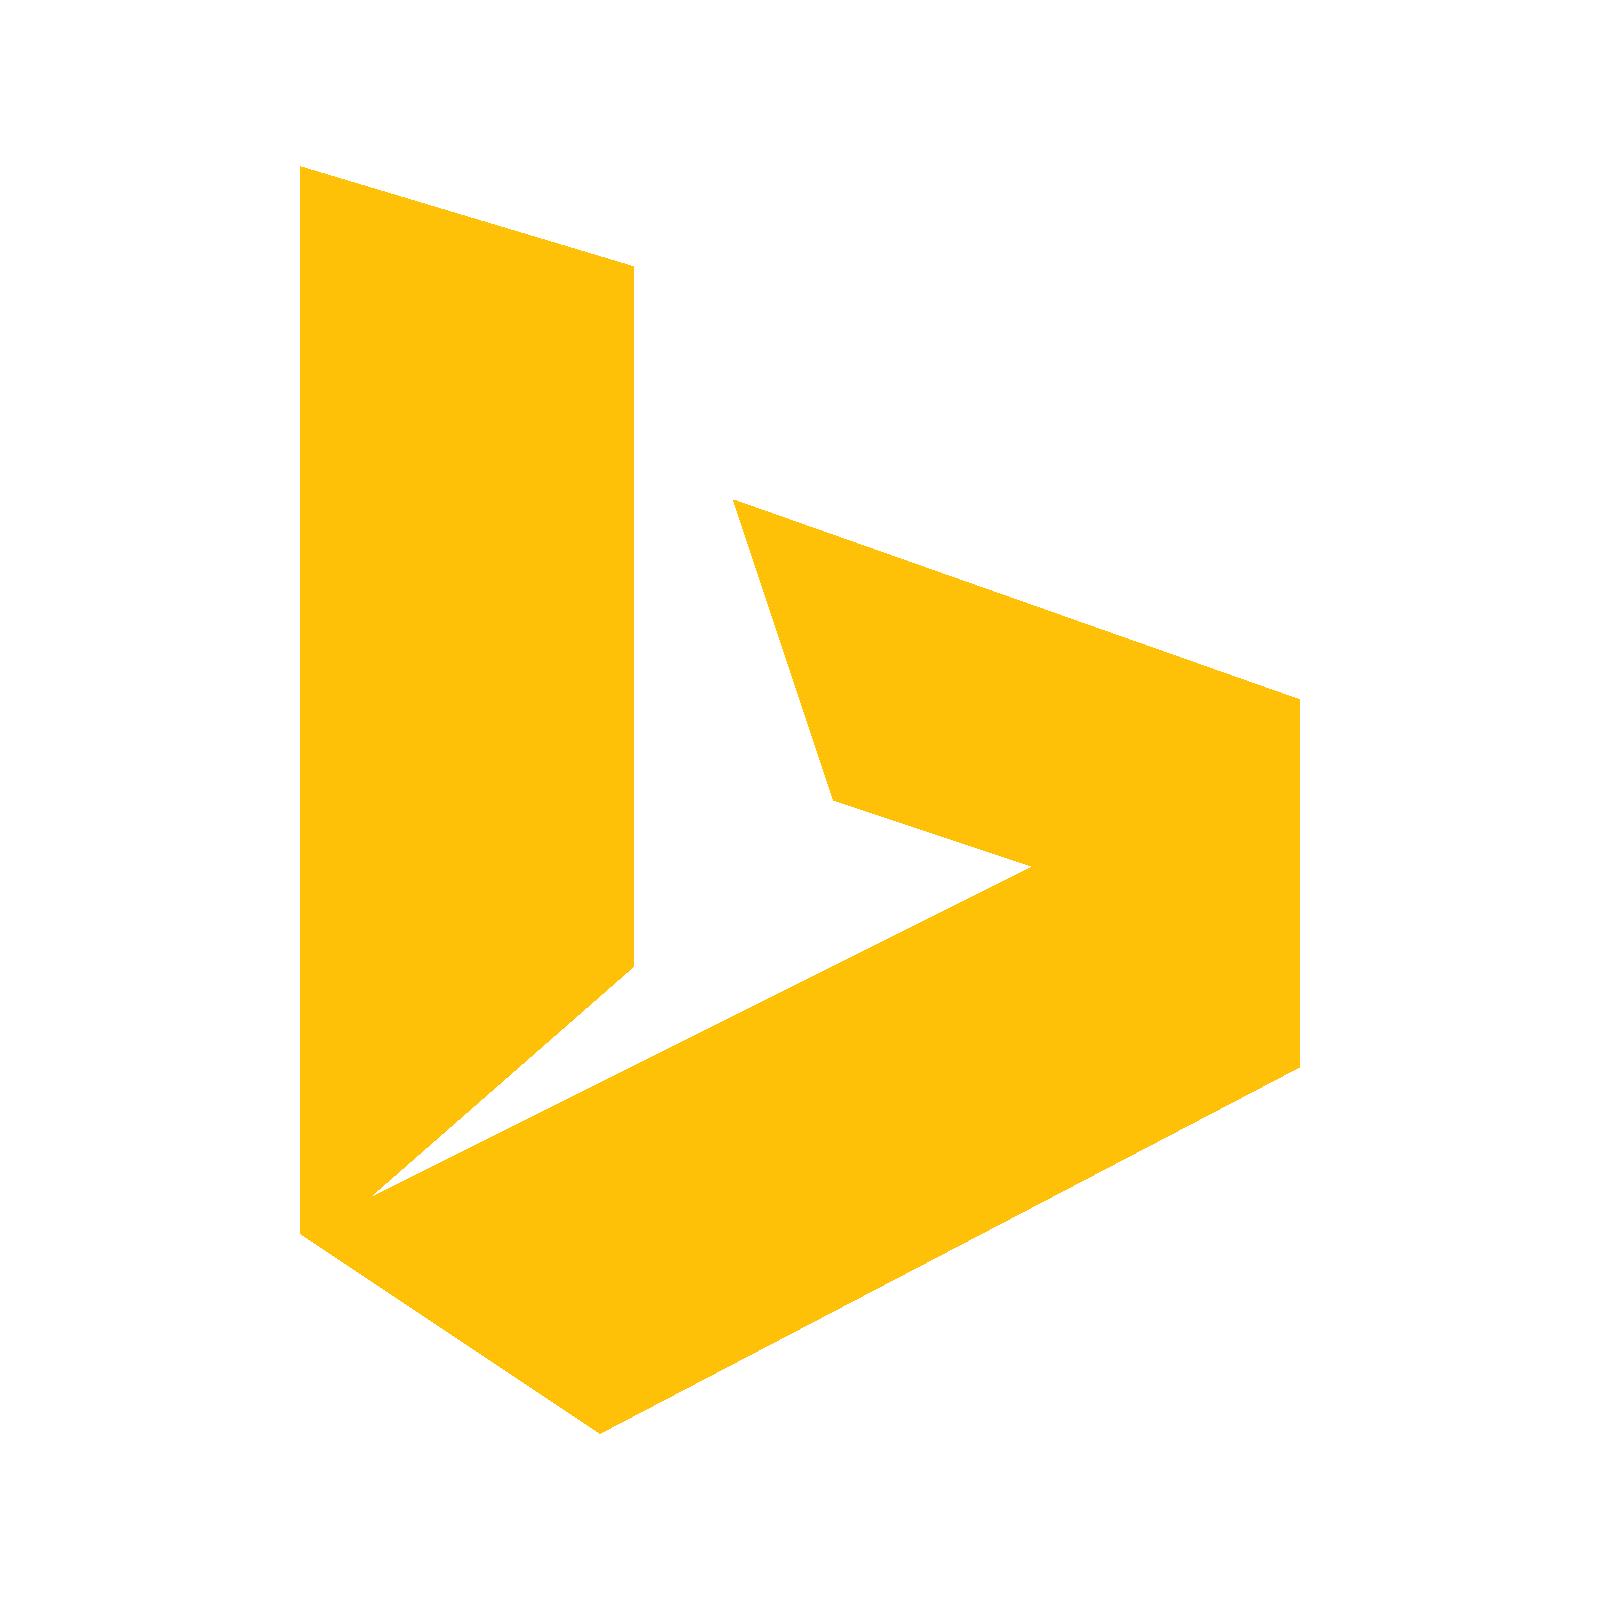 Logo Bing PNG - 31952